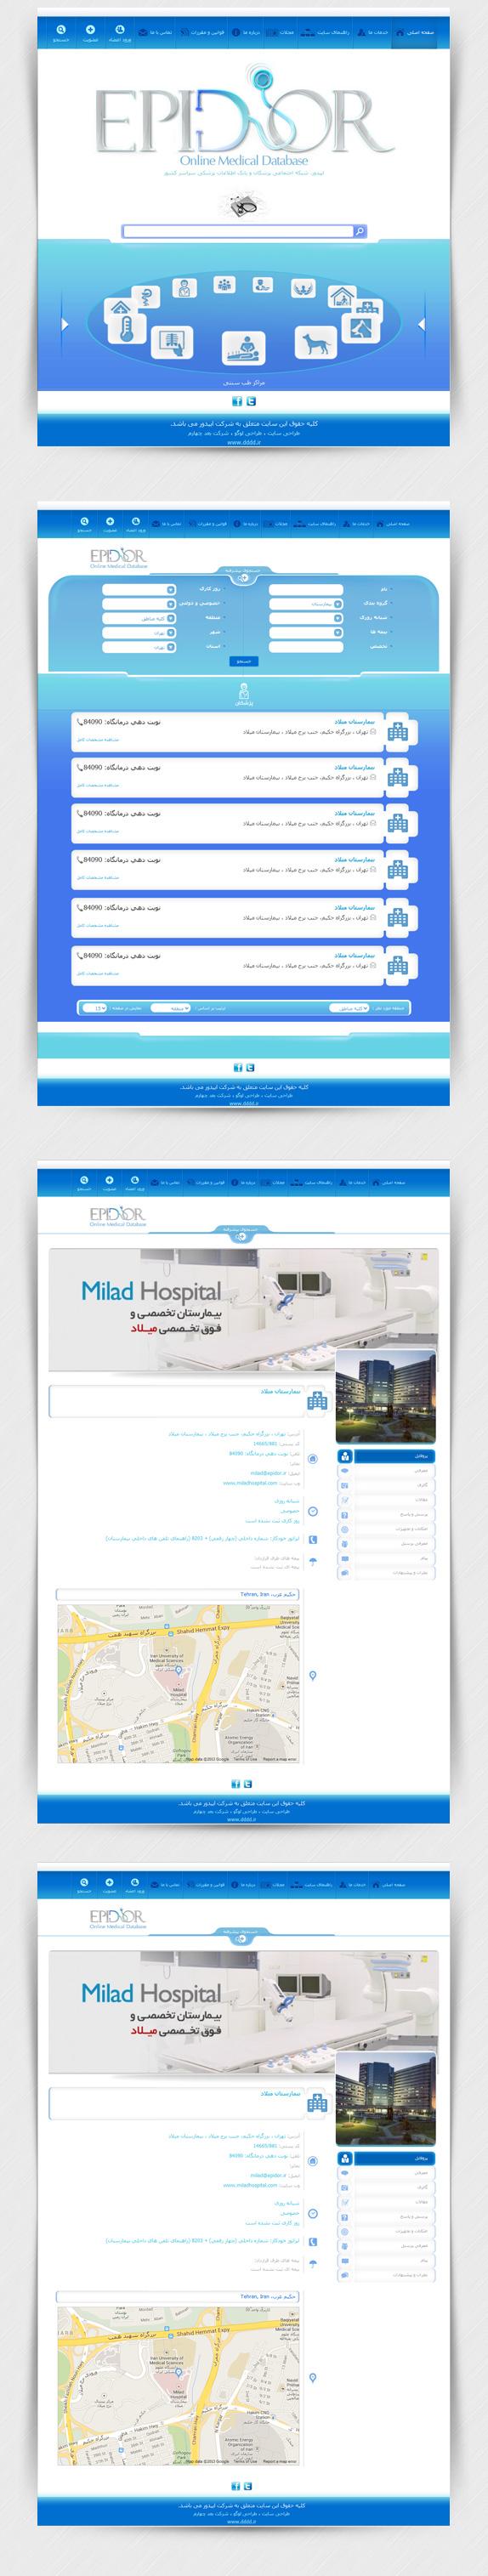 طراحی سایت شبکه اجتماعی صنعت پزشکی اپیدور